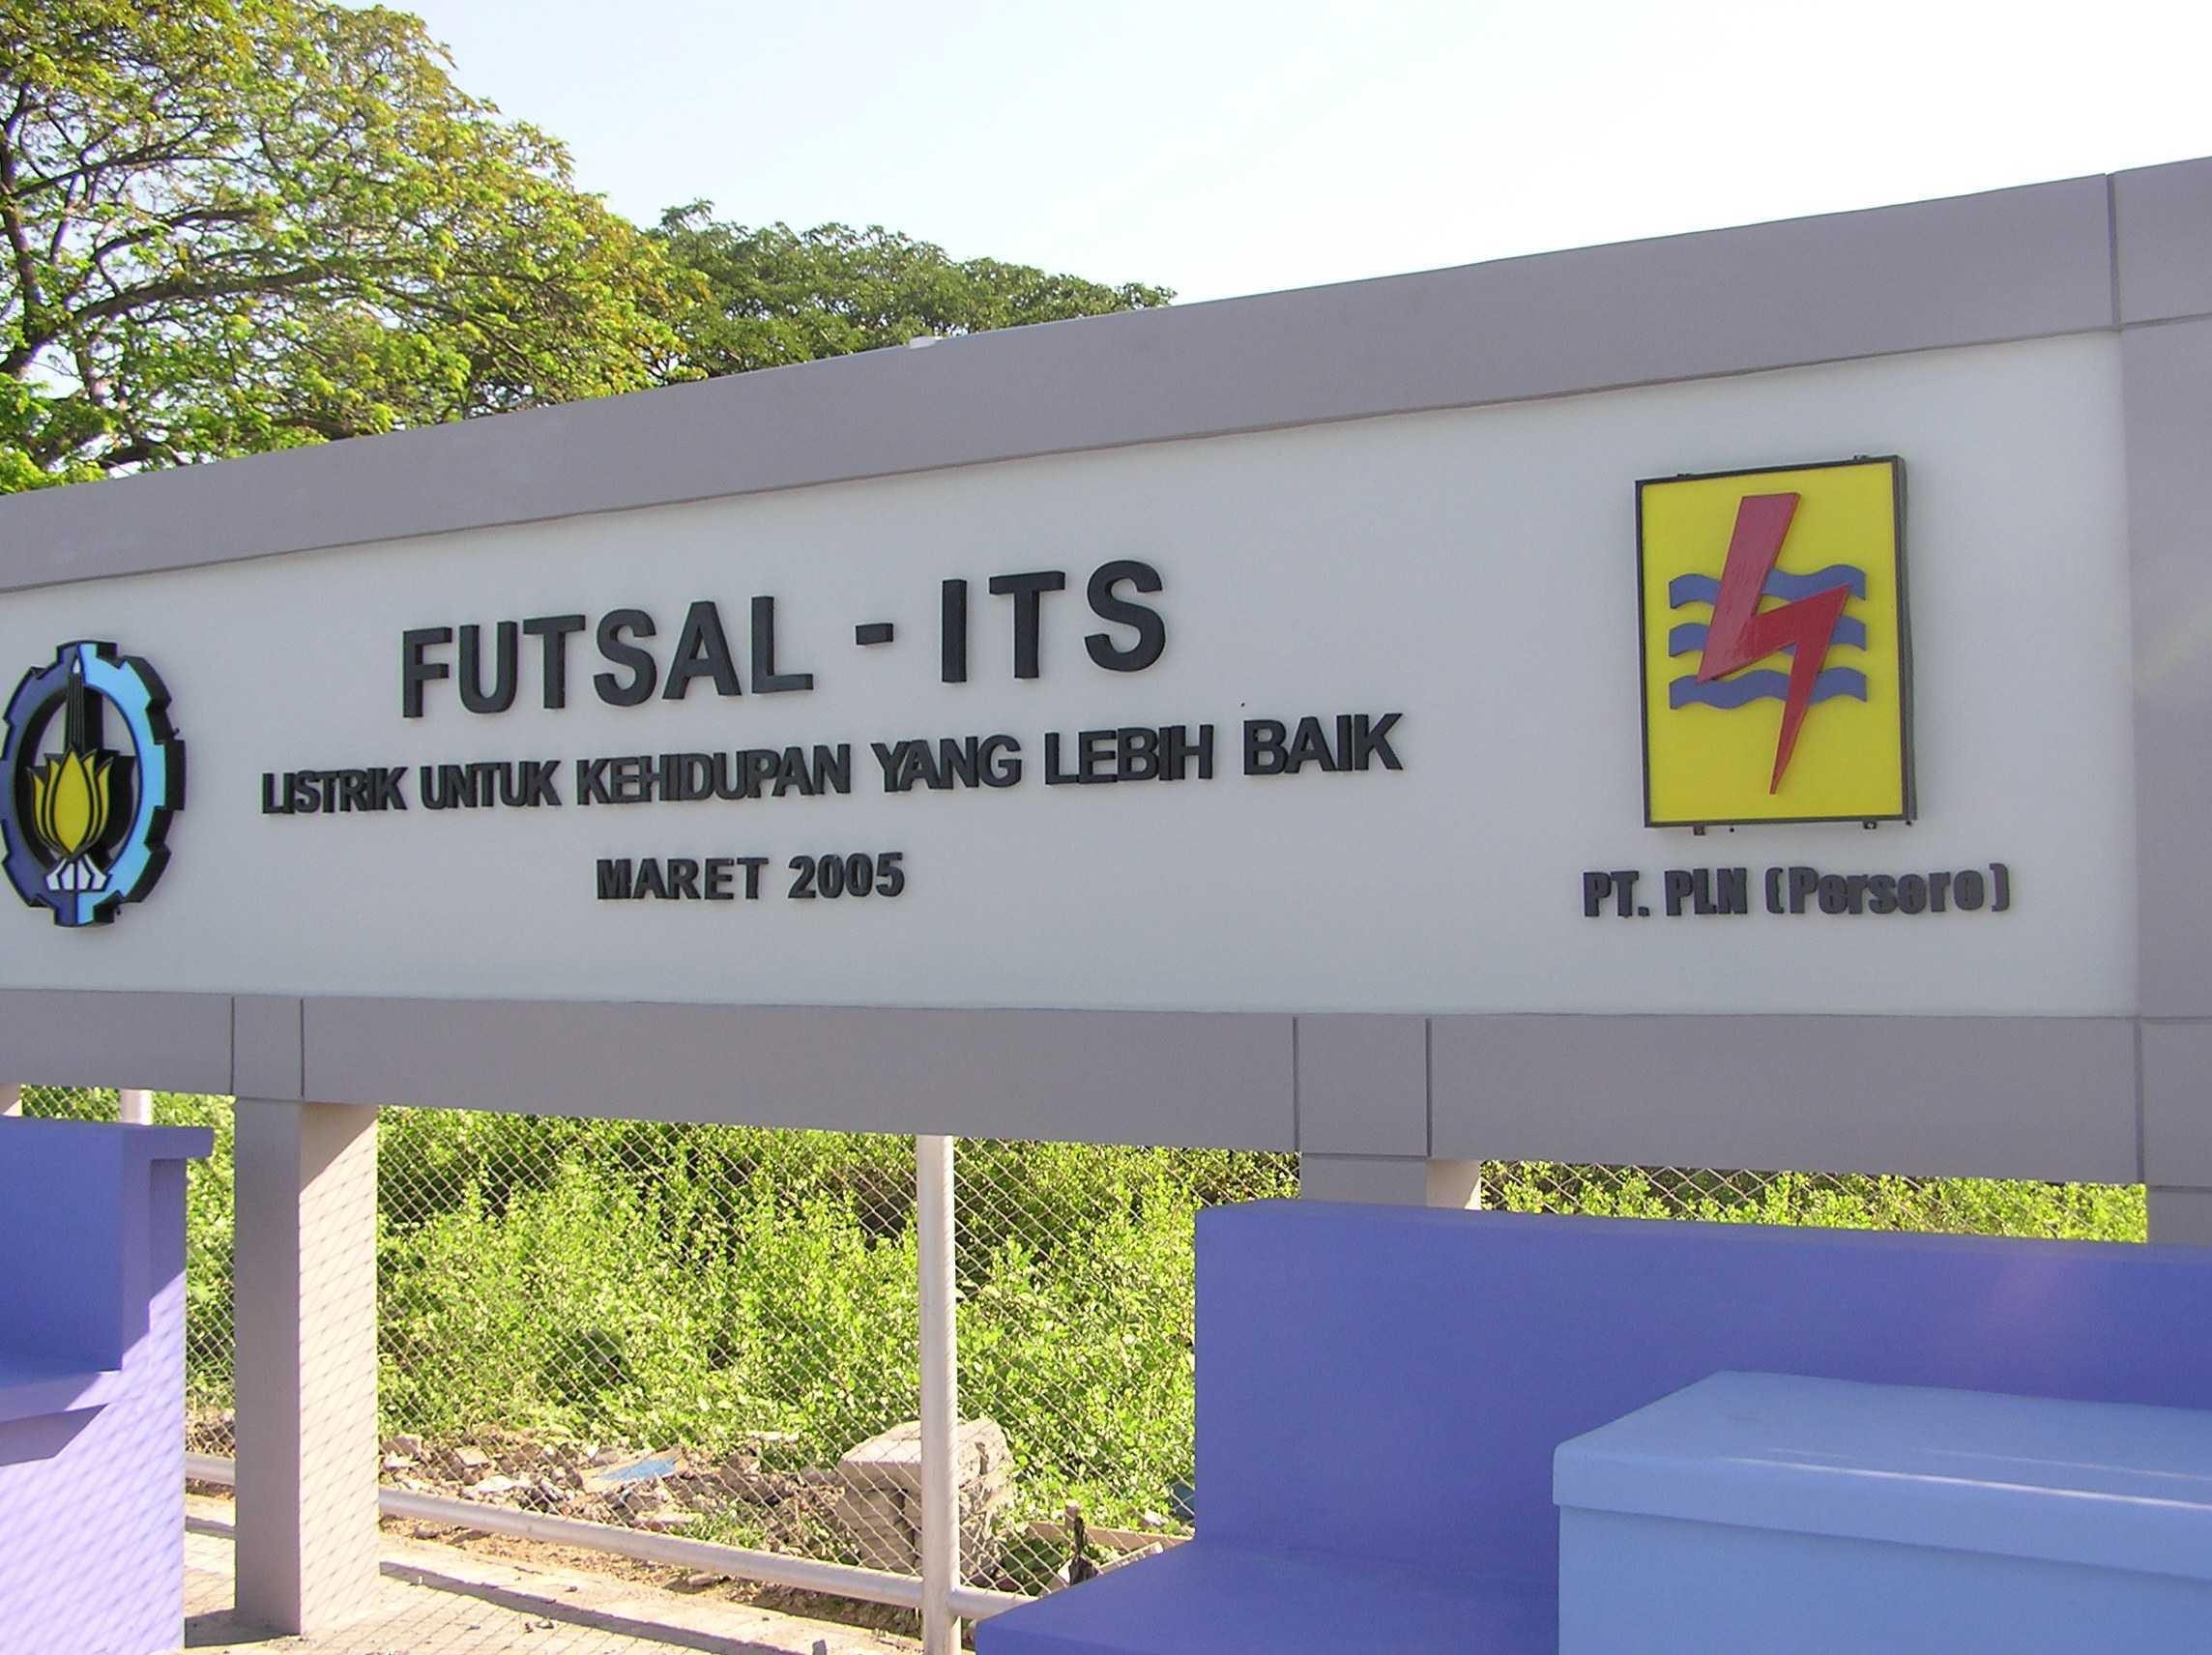 Ega Cipta Pratama Lapangan Futsal Its Kota Sby, Jawa Timur, Indonesia Kota Sby, Jawa Timur, Indonesia Ega-Cipta-Pratama-Lapangan-Futsal-Its   55439